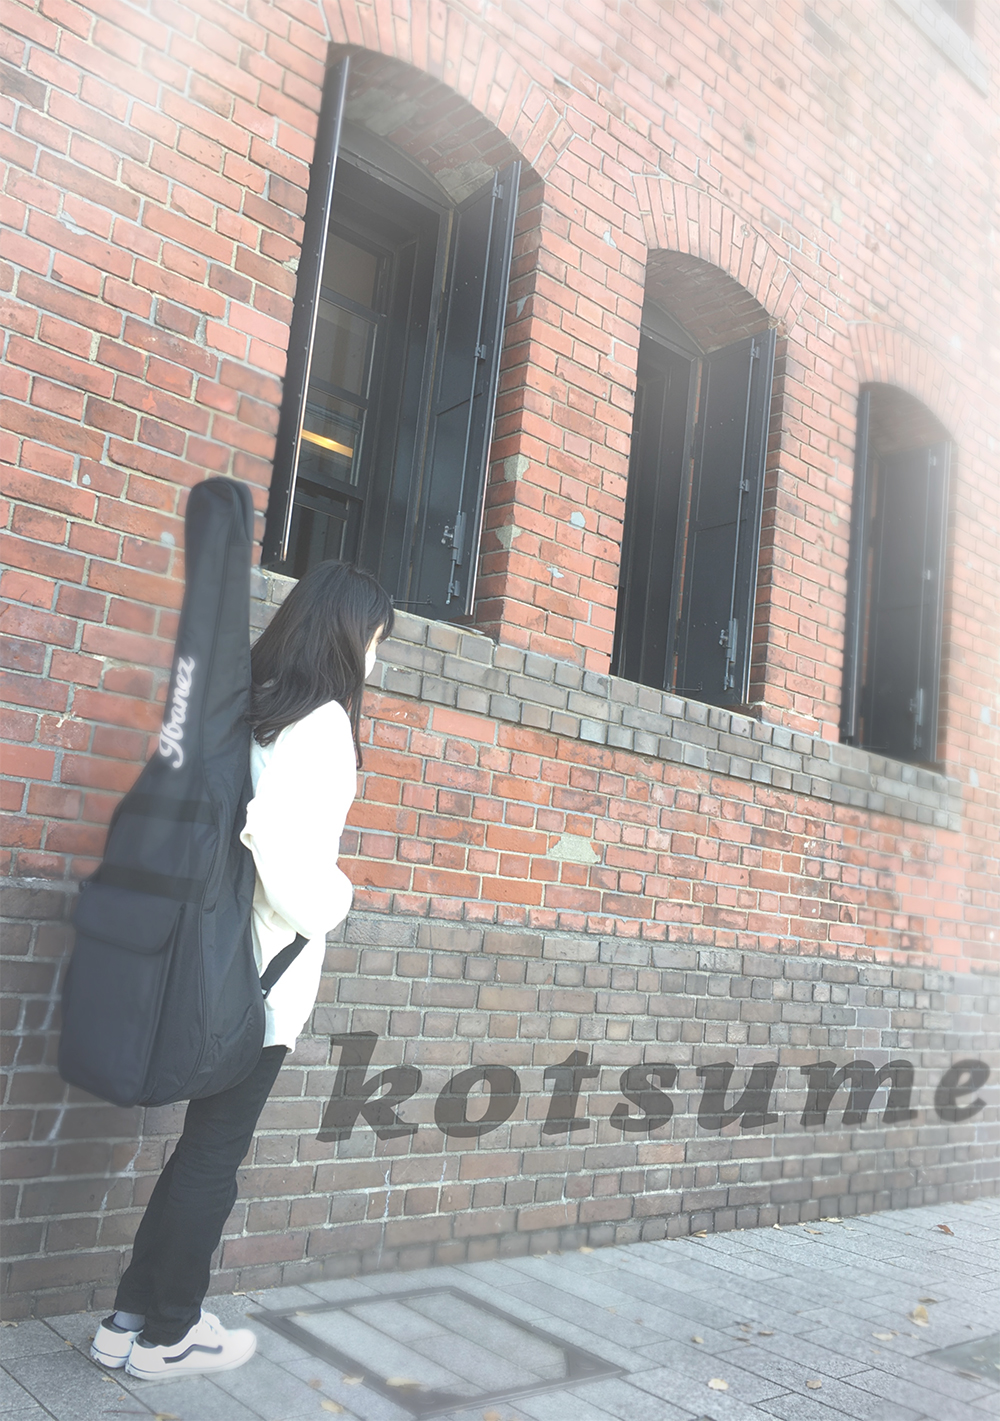 kotsume